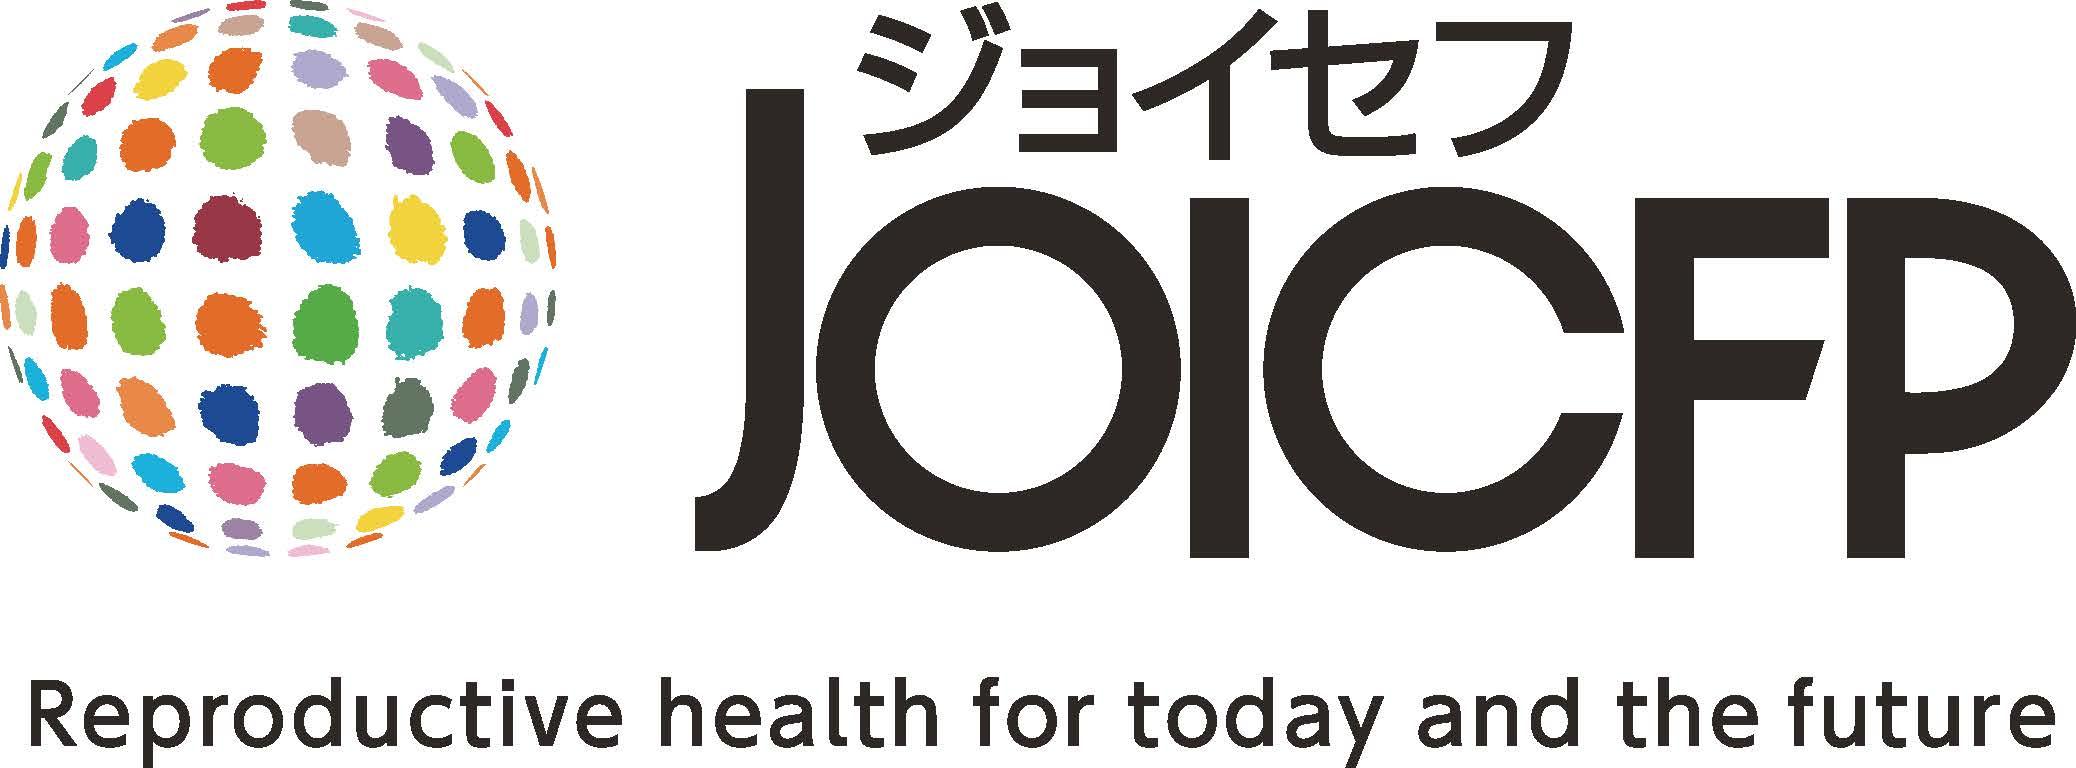 Tomoko Fukuda (JOICFP) - joicfp_logo_En.jpg